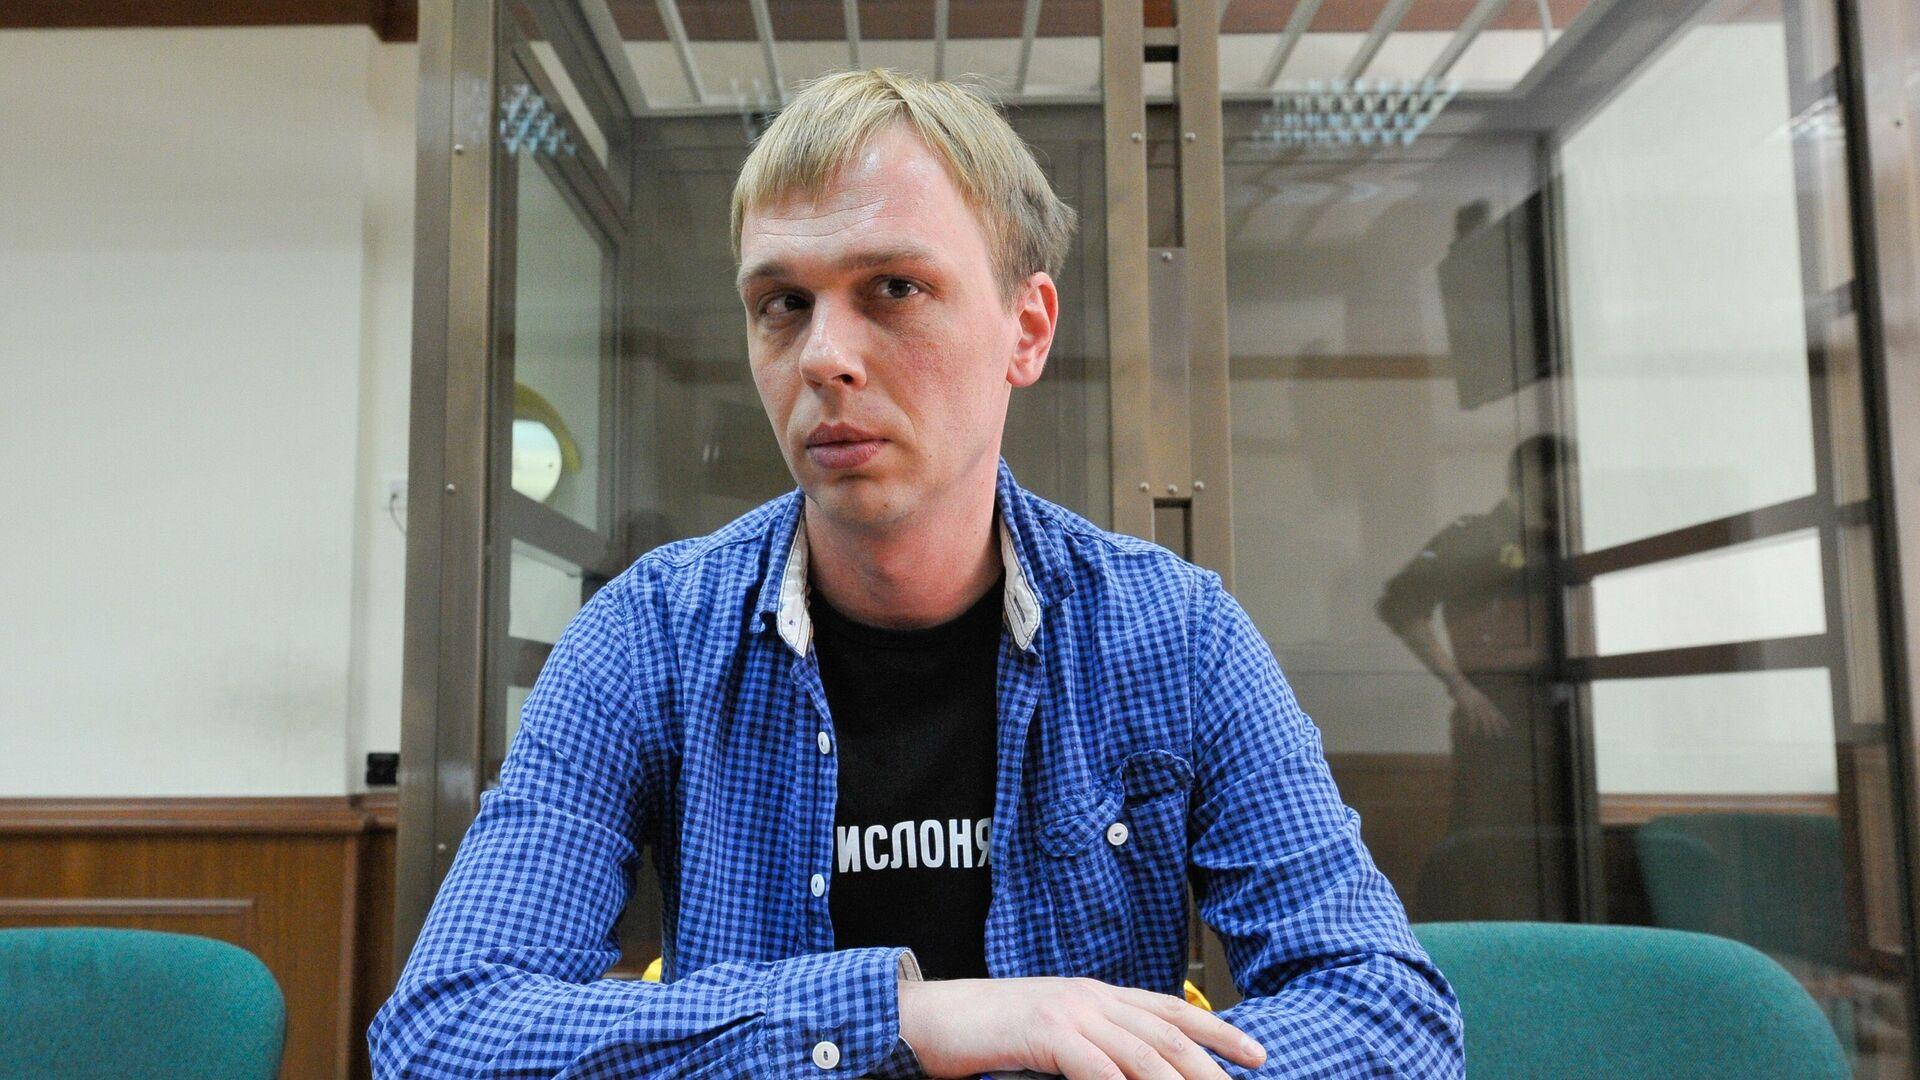 Журналист Иван Голунов в Мосгорсуде - РИА Новости, 1920, 18.01.2021